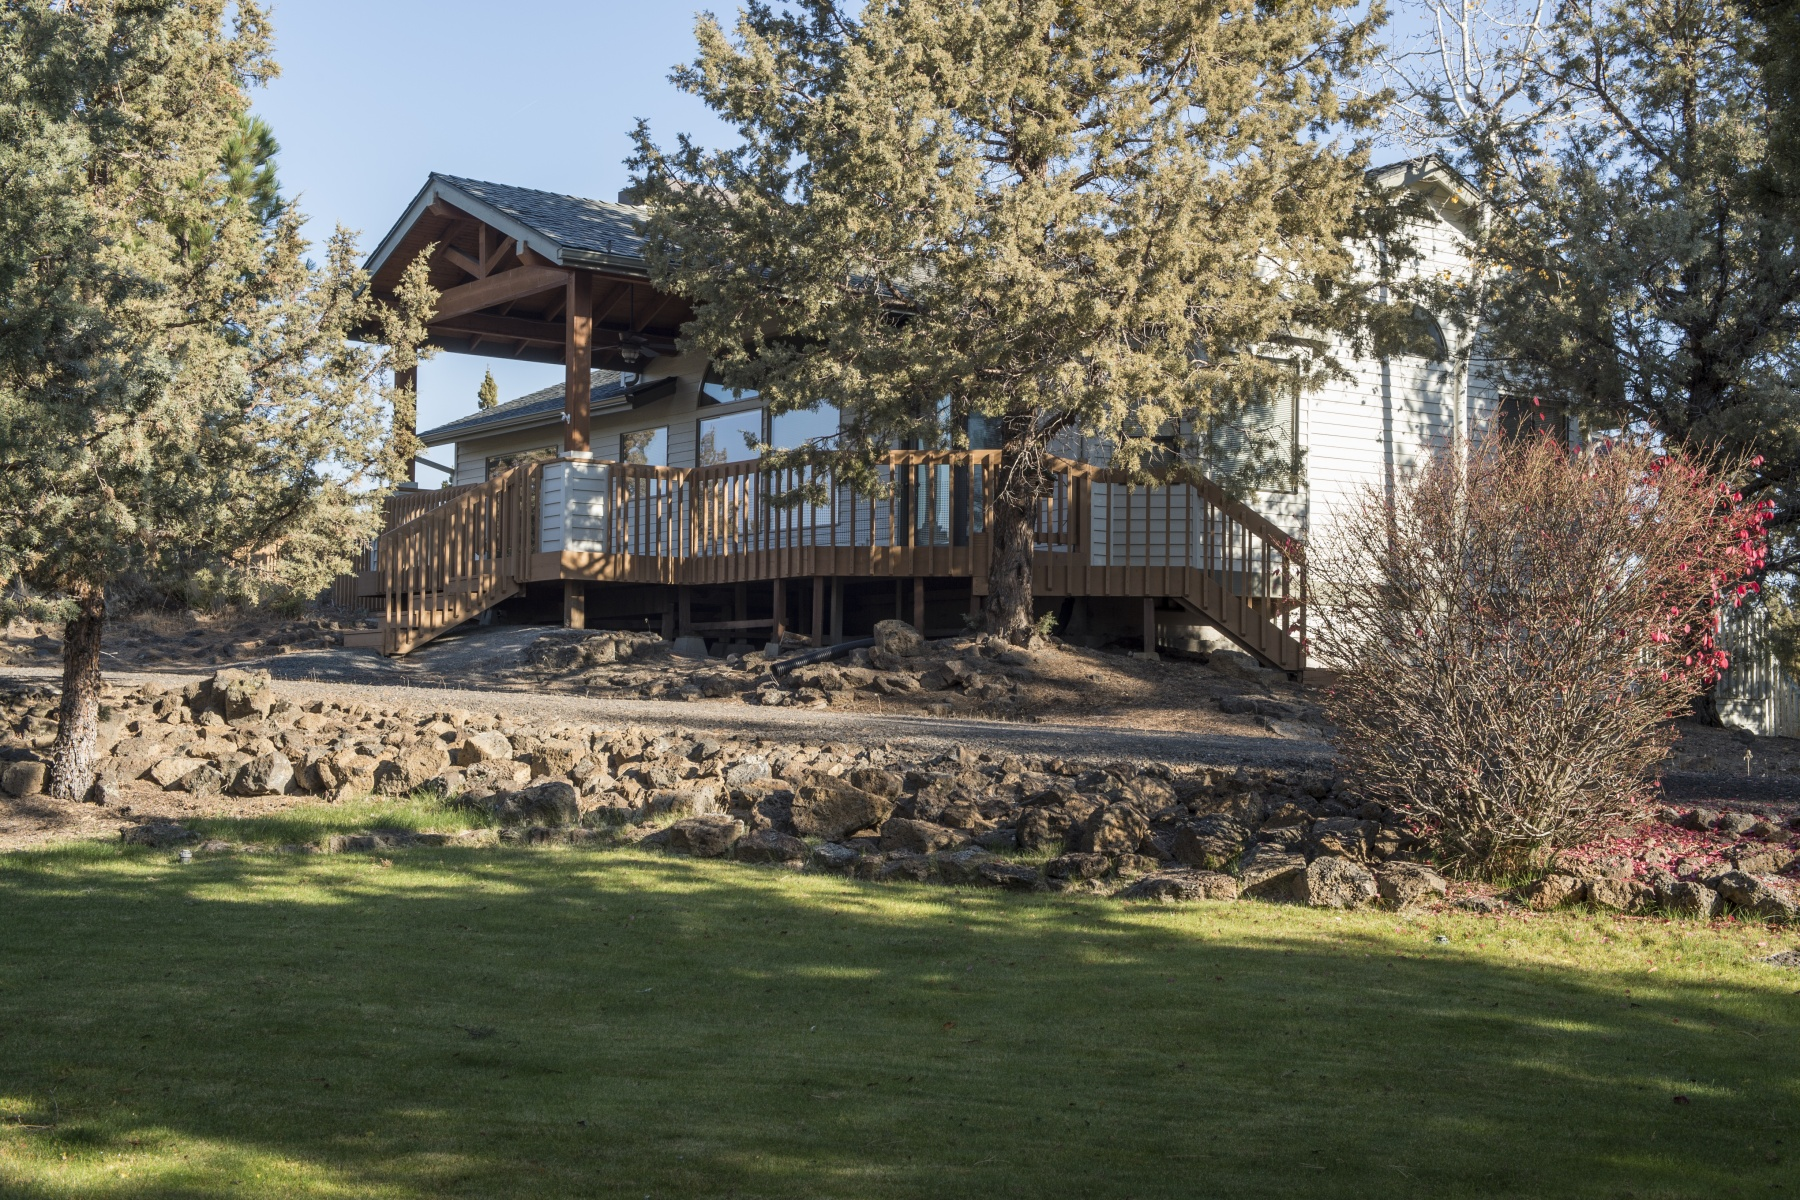 独户住宅 为 销售 在 21610 Paloma Drive 本德, 俄勒冈州, 97701 美国